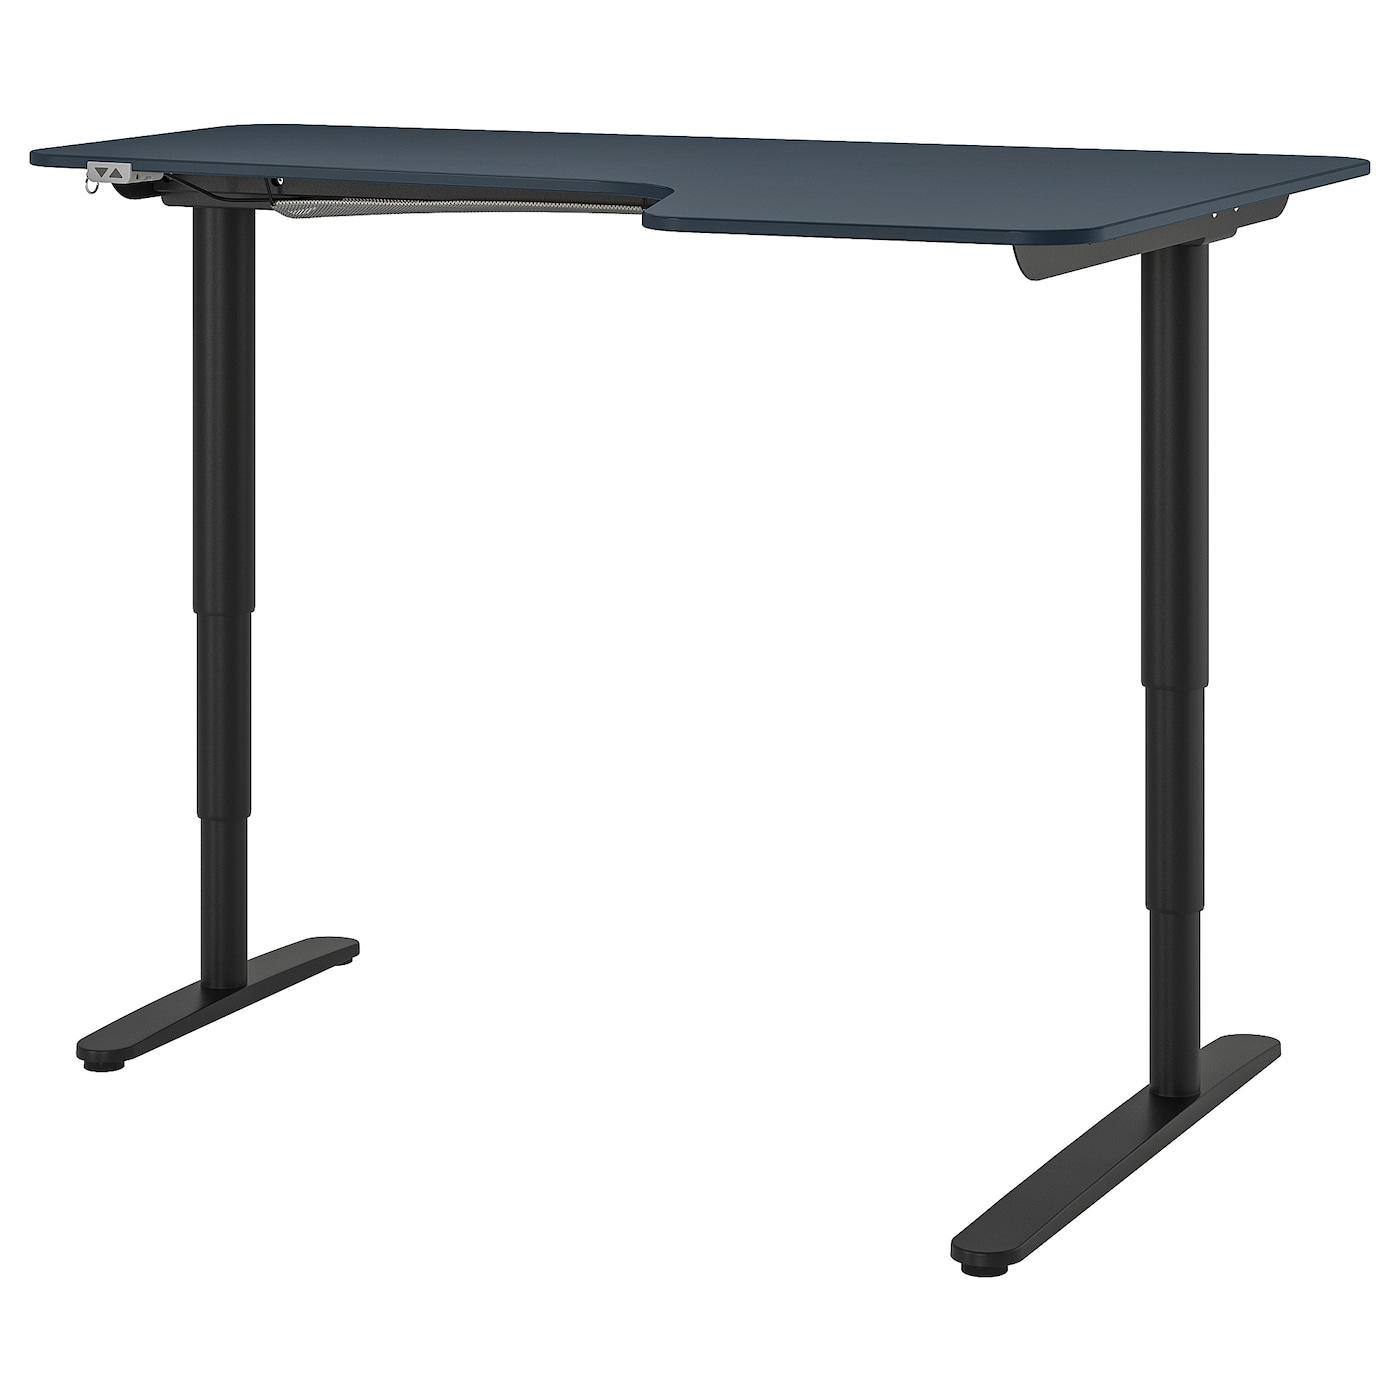 IKEA BEKANT Biurko narożne praw/siedz/stoj, linoleum niebieski, czarny, 160x110 cm